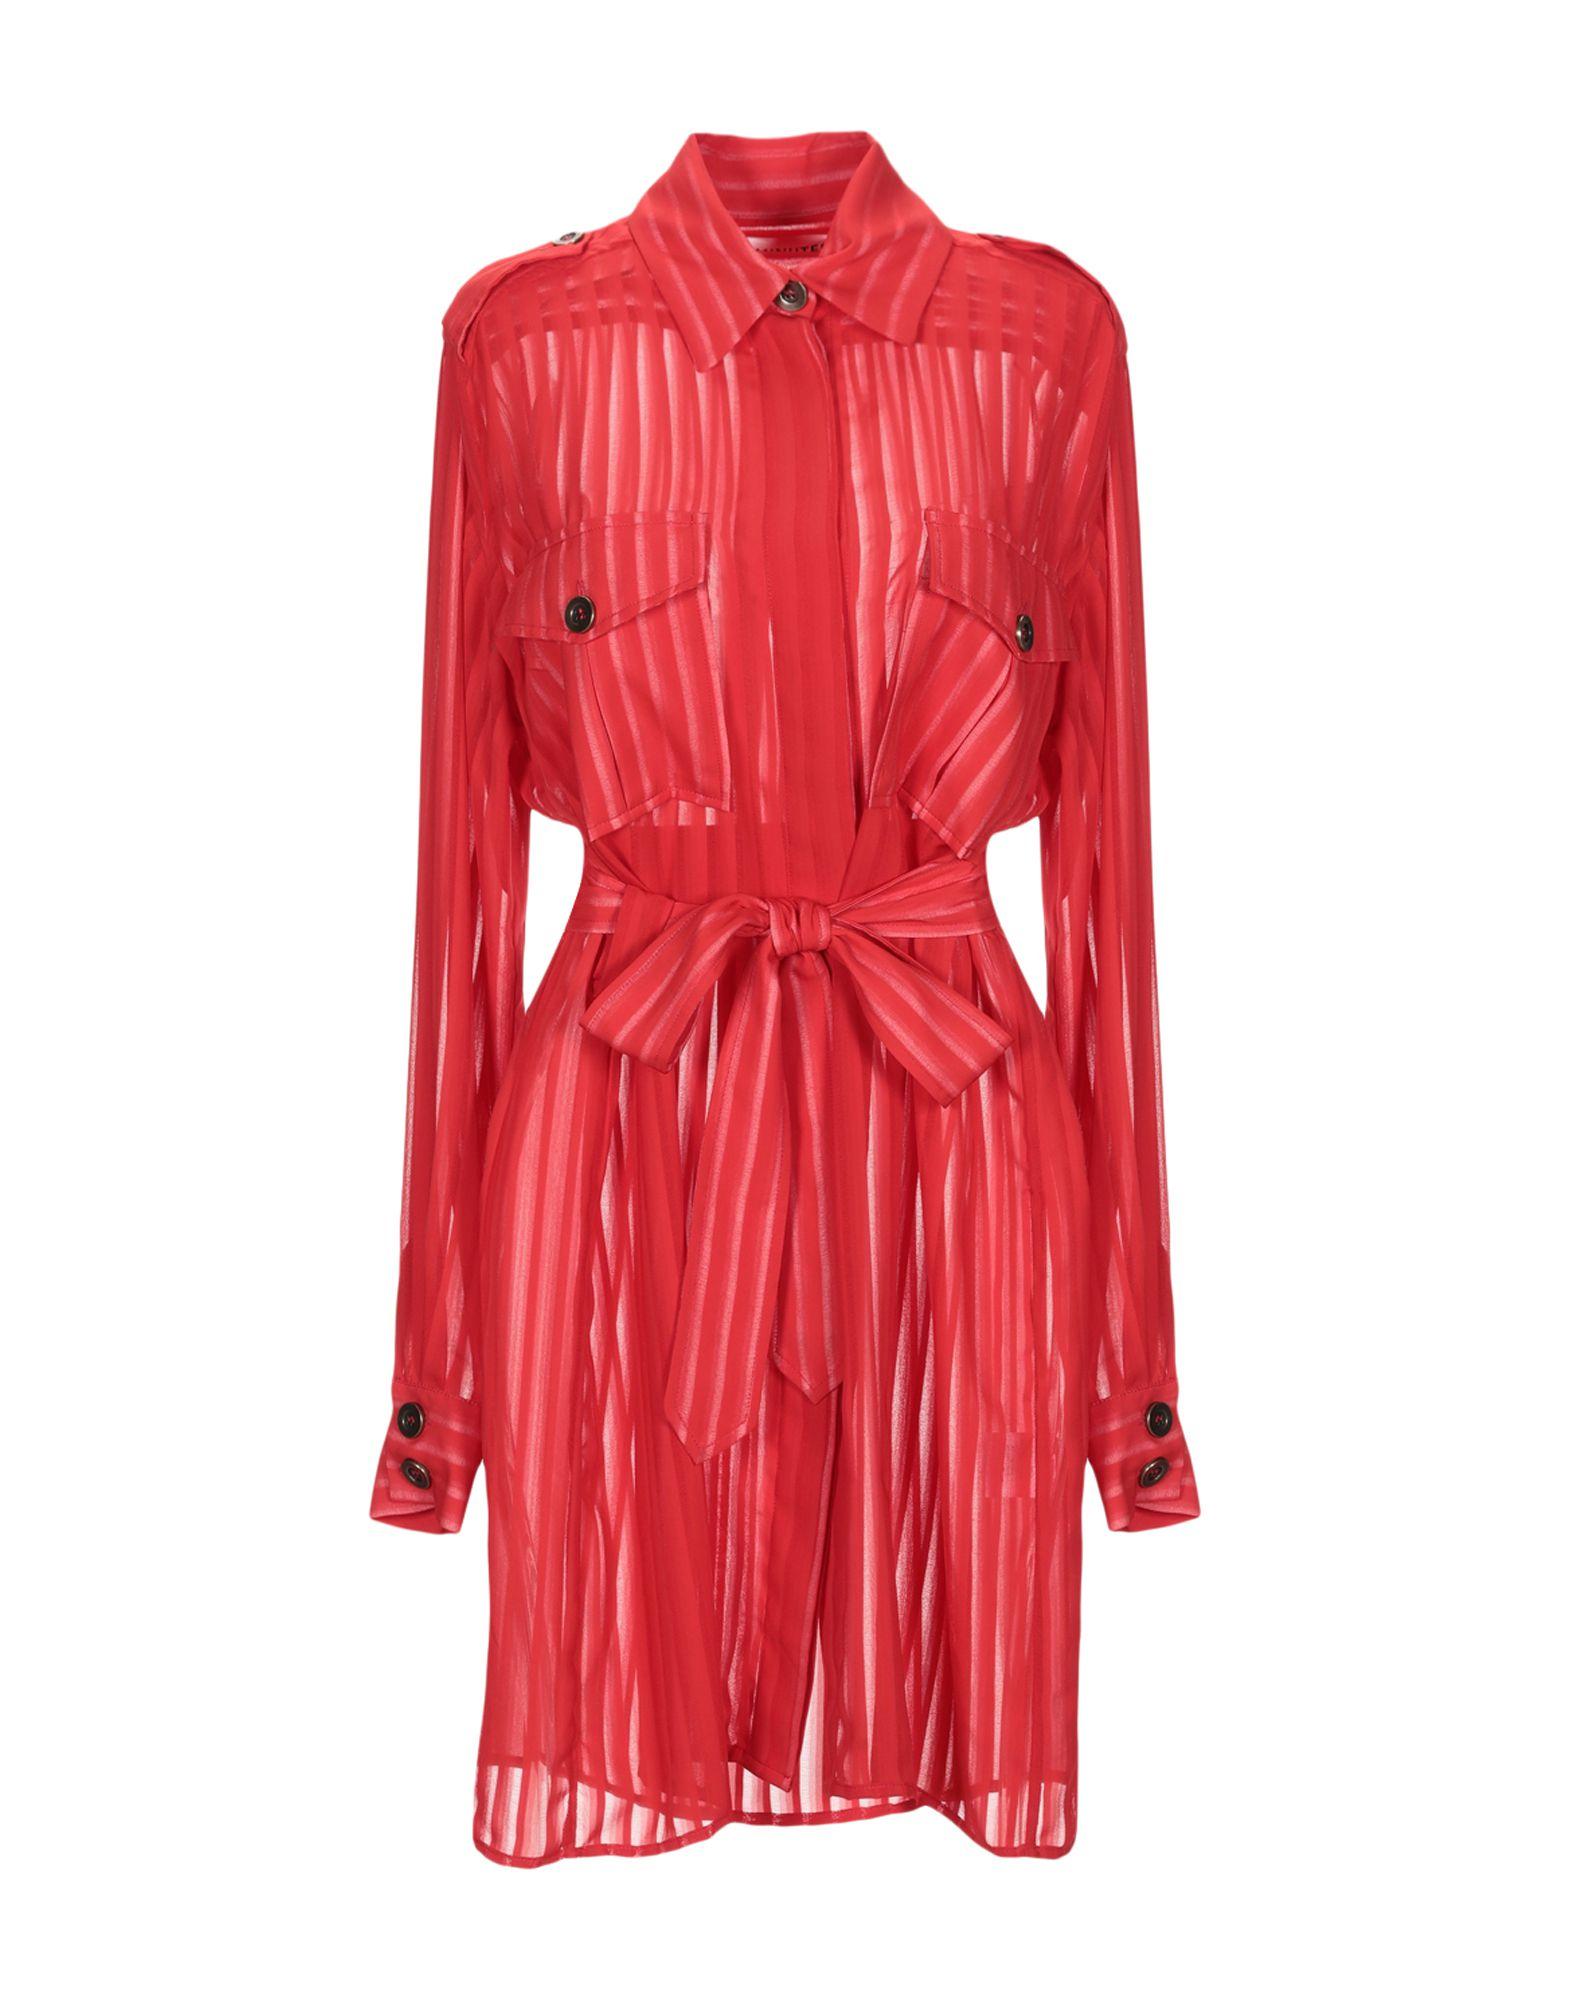 NINEMINUTES Короткое платье платье рубашка fox yulia sway платье рубашка fox